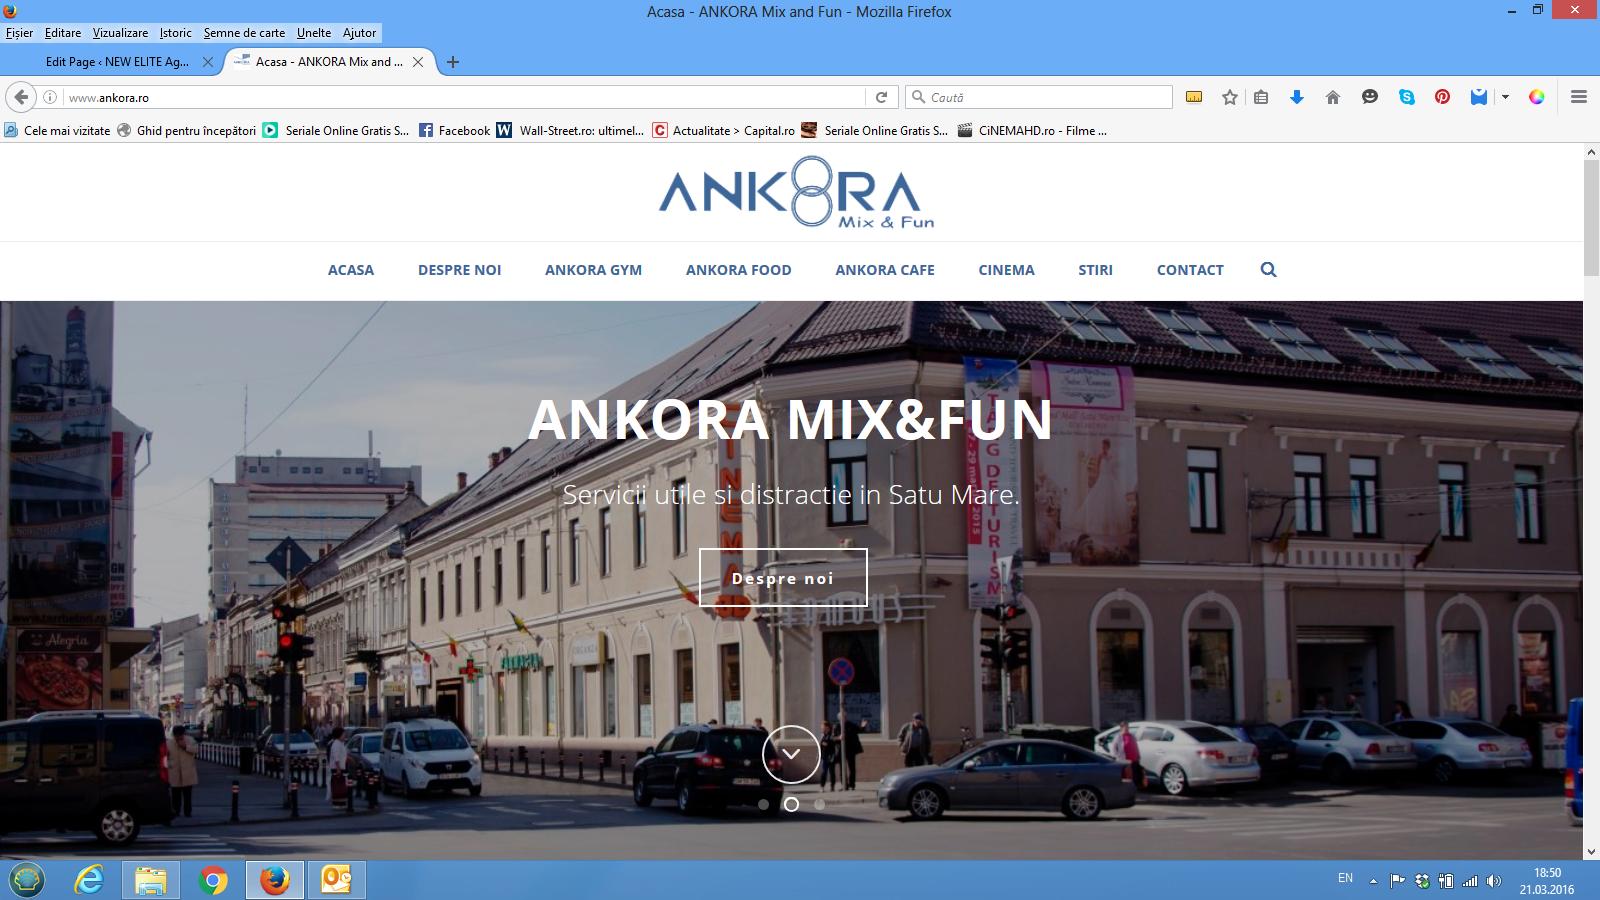 caputura front page ANKORA